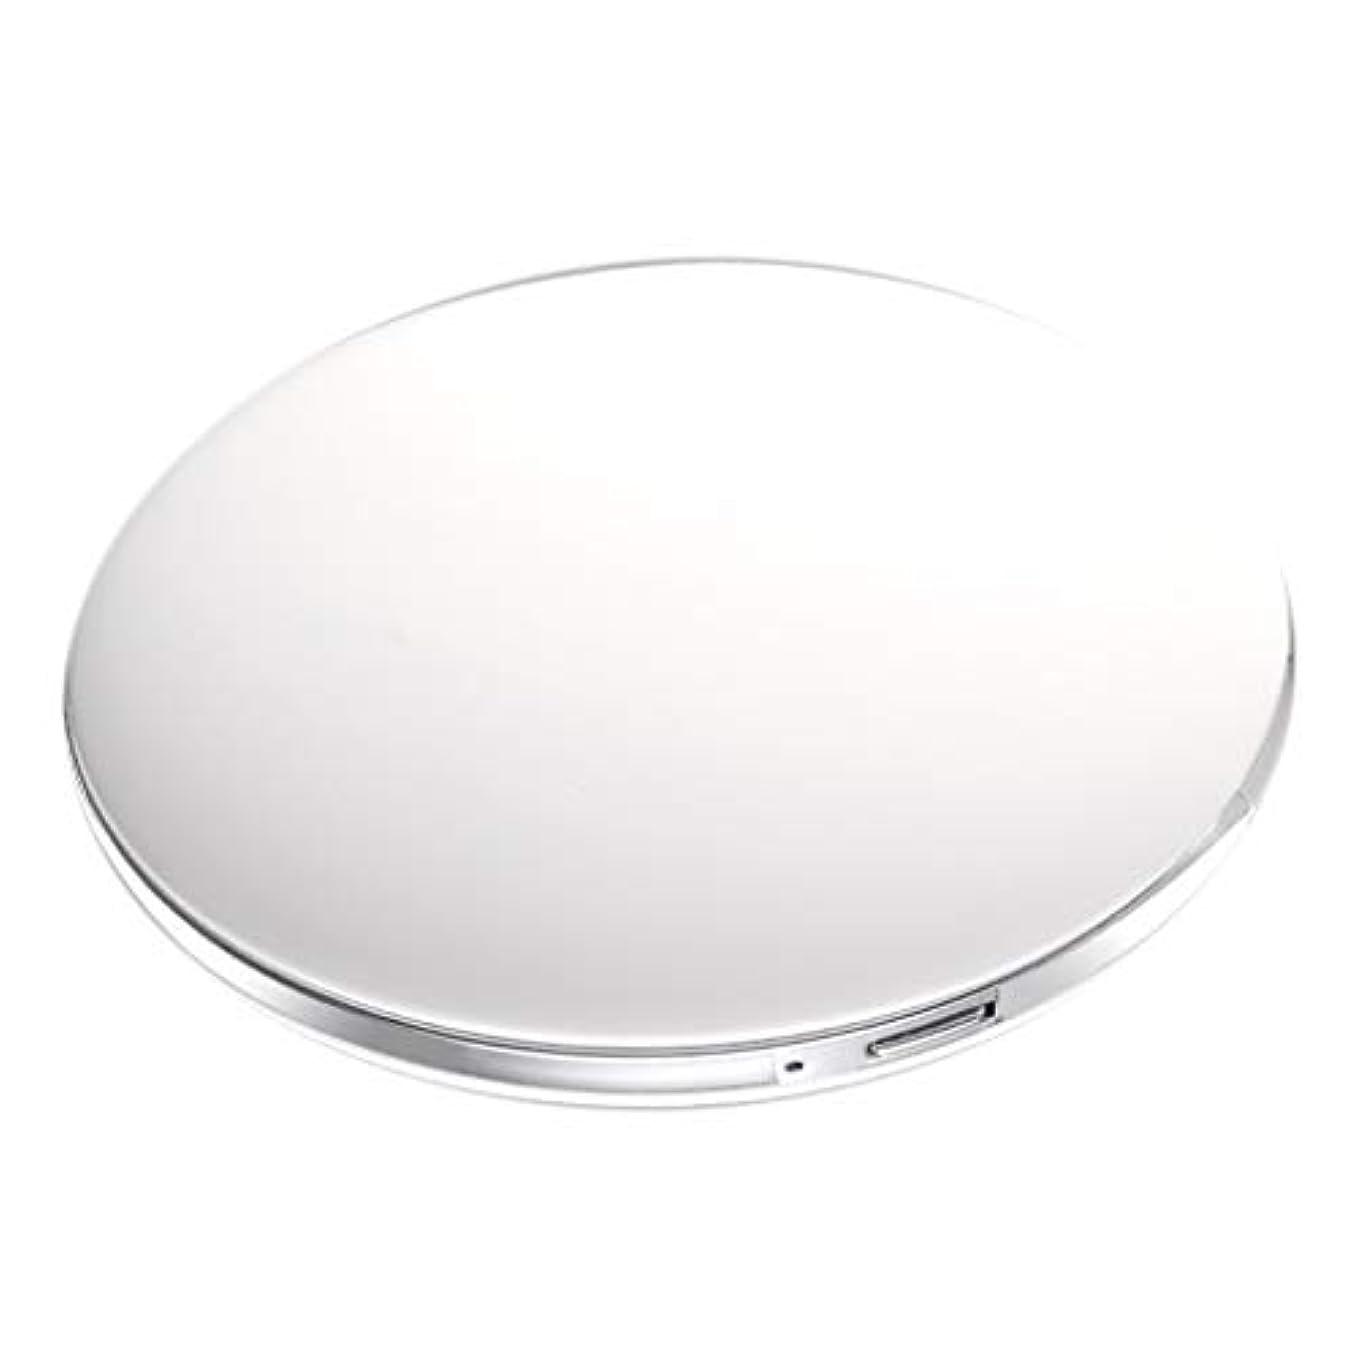 機知に富んだ排除する熱心な両面コンパクトミラー 拡大鏡付き手鏡 LEDミラー 女優ミラー 3倍拡大 折りたたみ式 充電 全5色 - 白